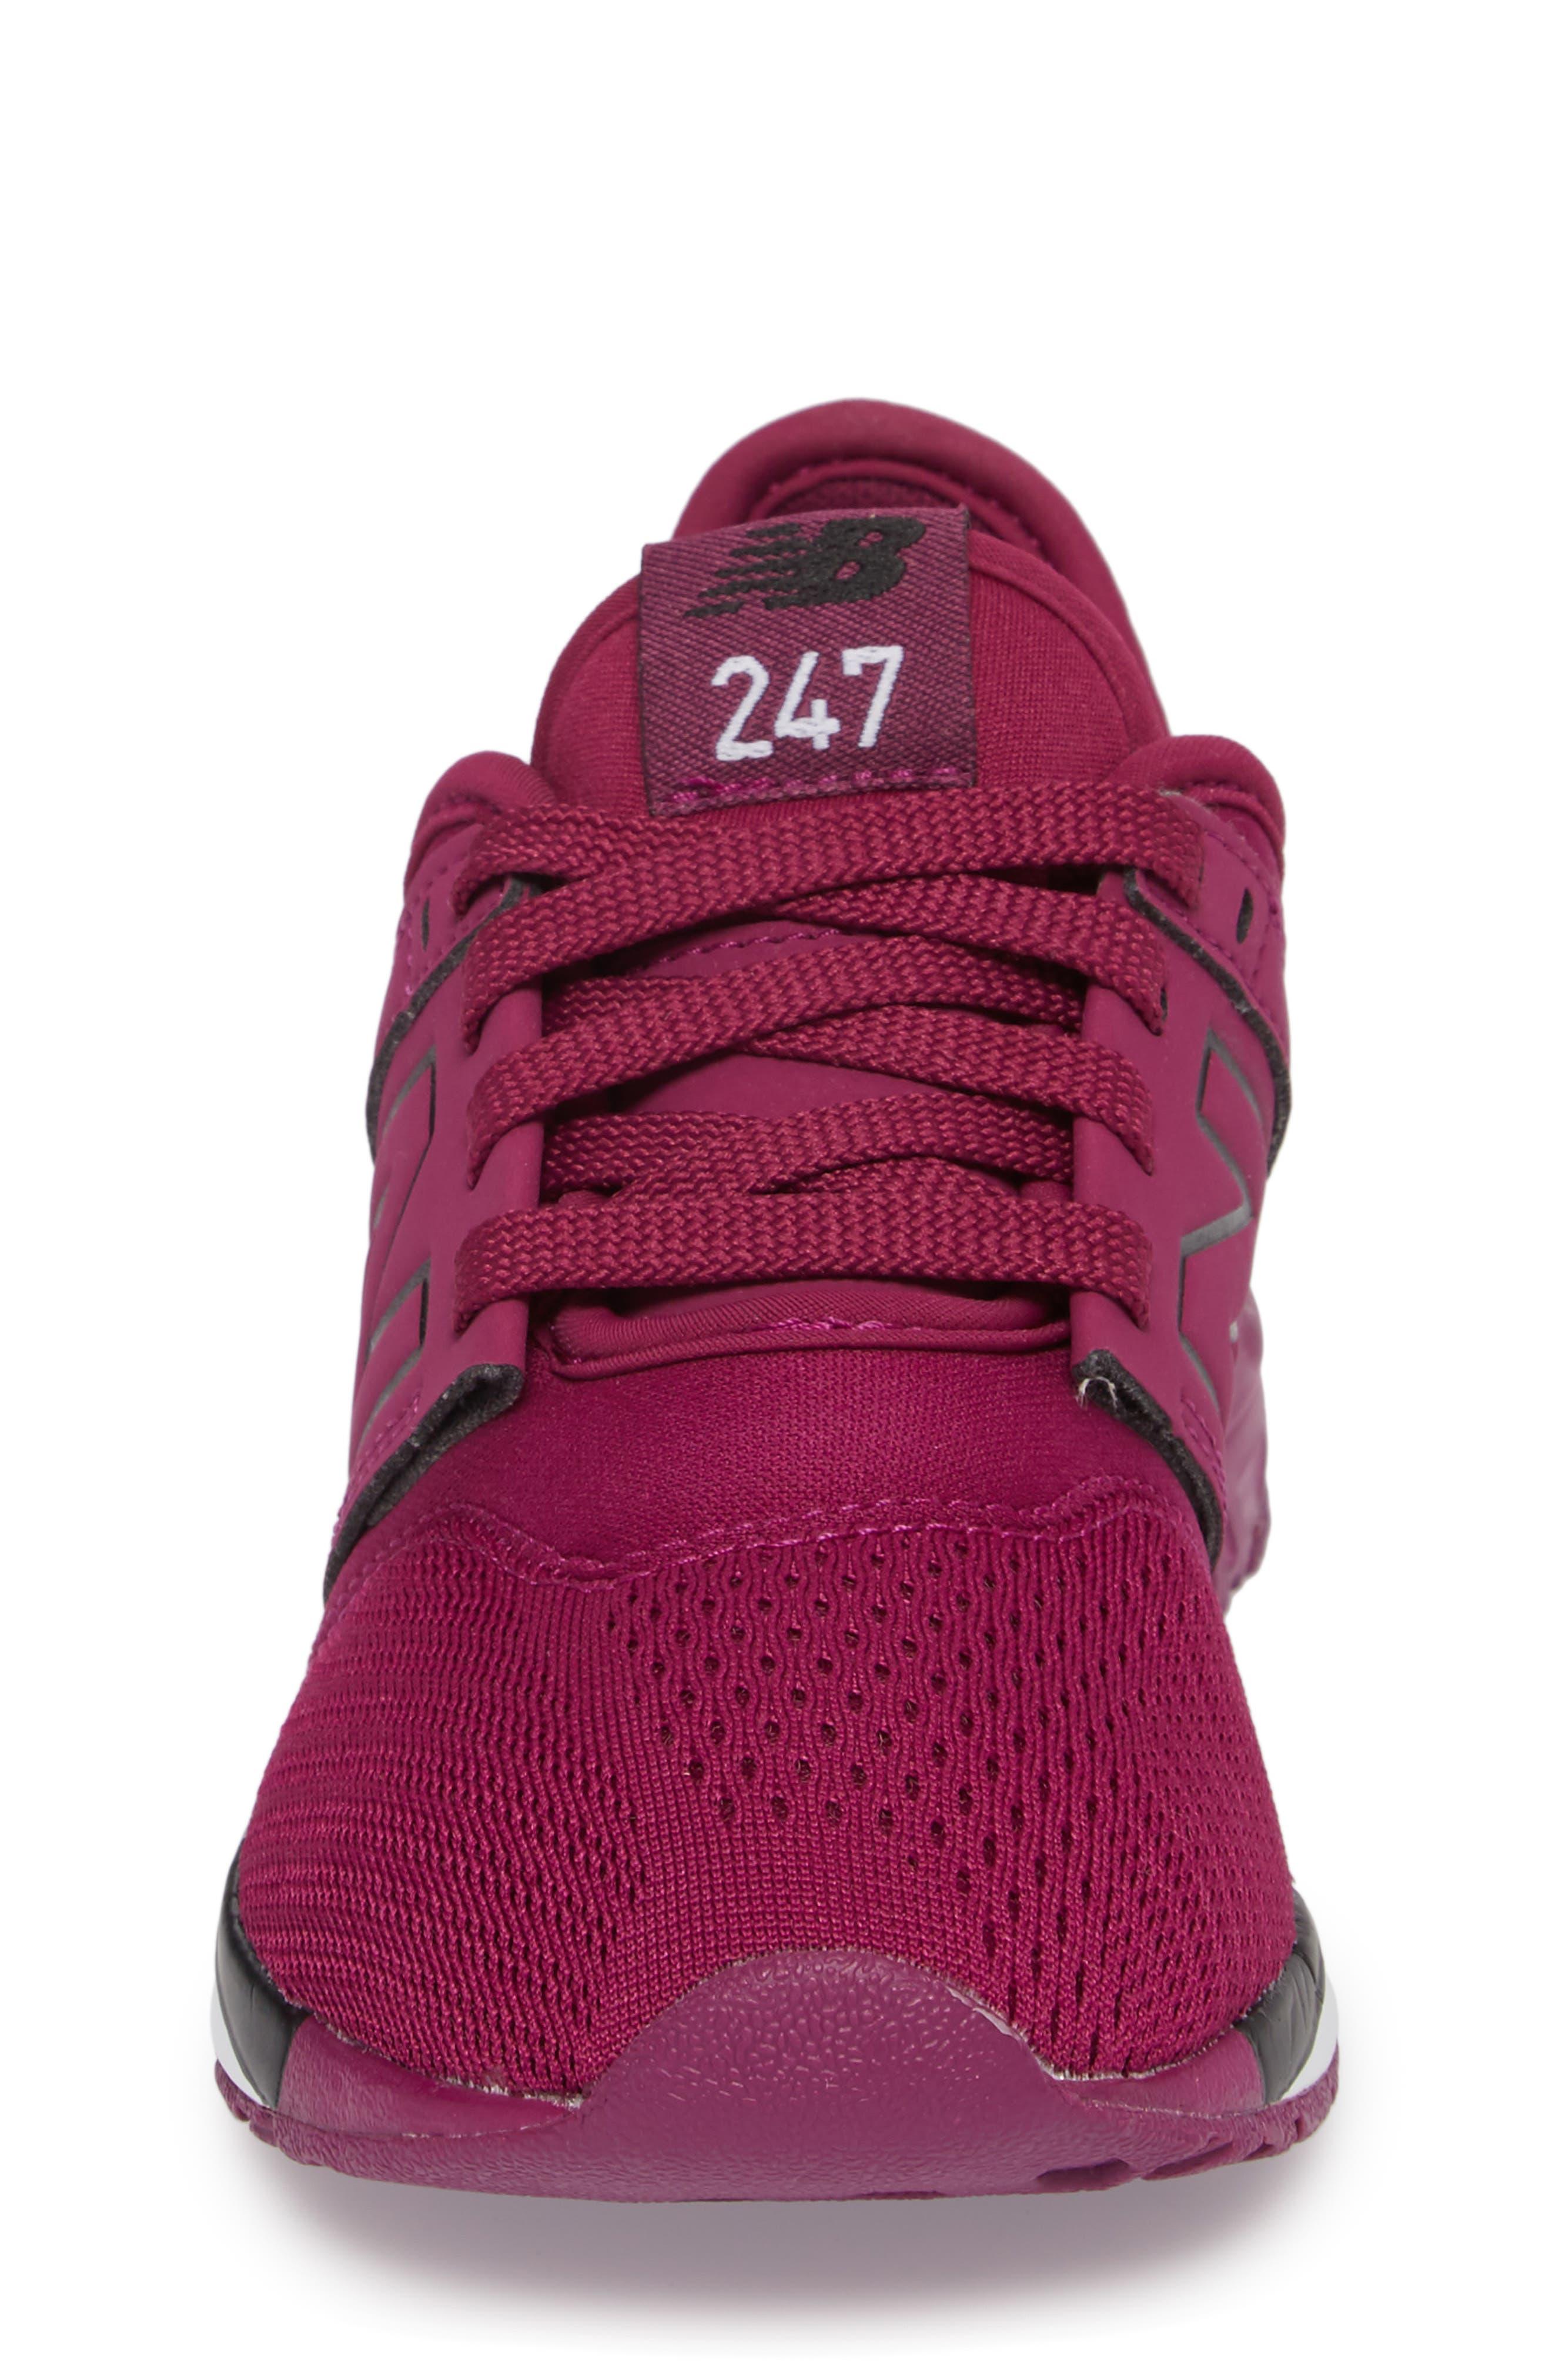 247 Sport Sneaker,                             Alternate thumbnail 4, color,                             Red/ Black